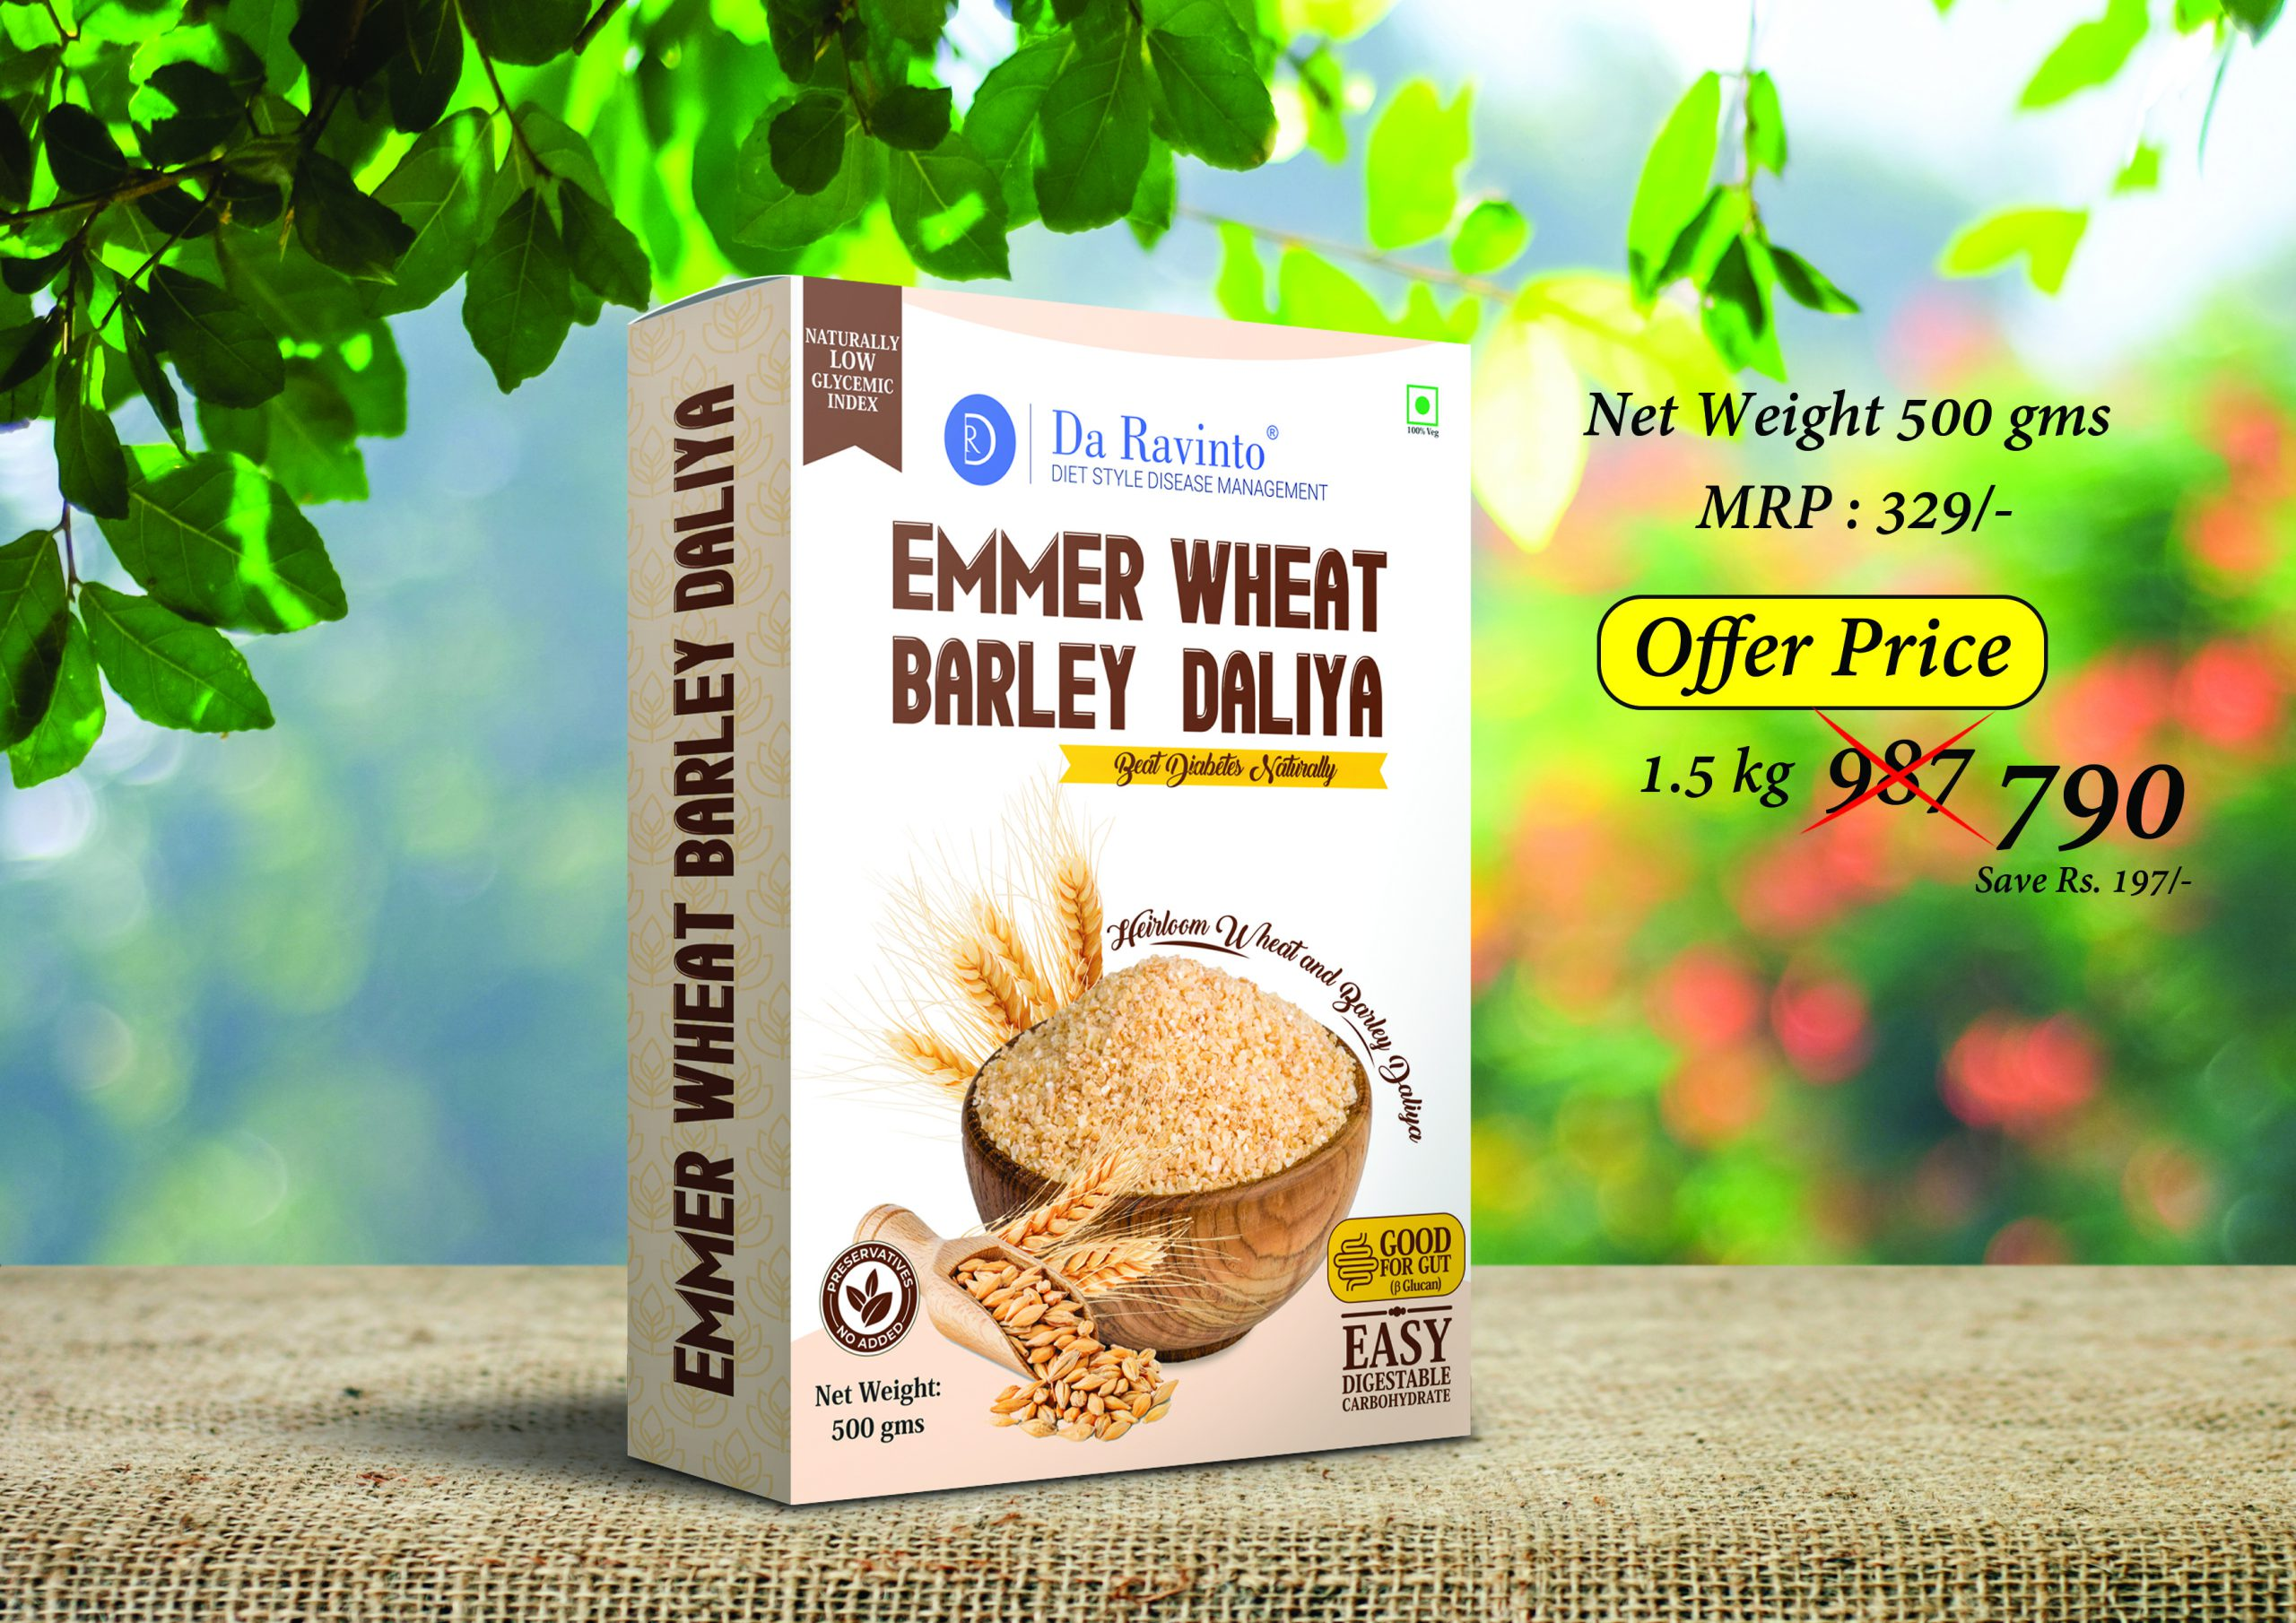 Da Ravitno's Emmer Wheat Barley Daliya